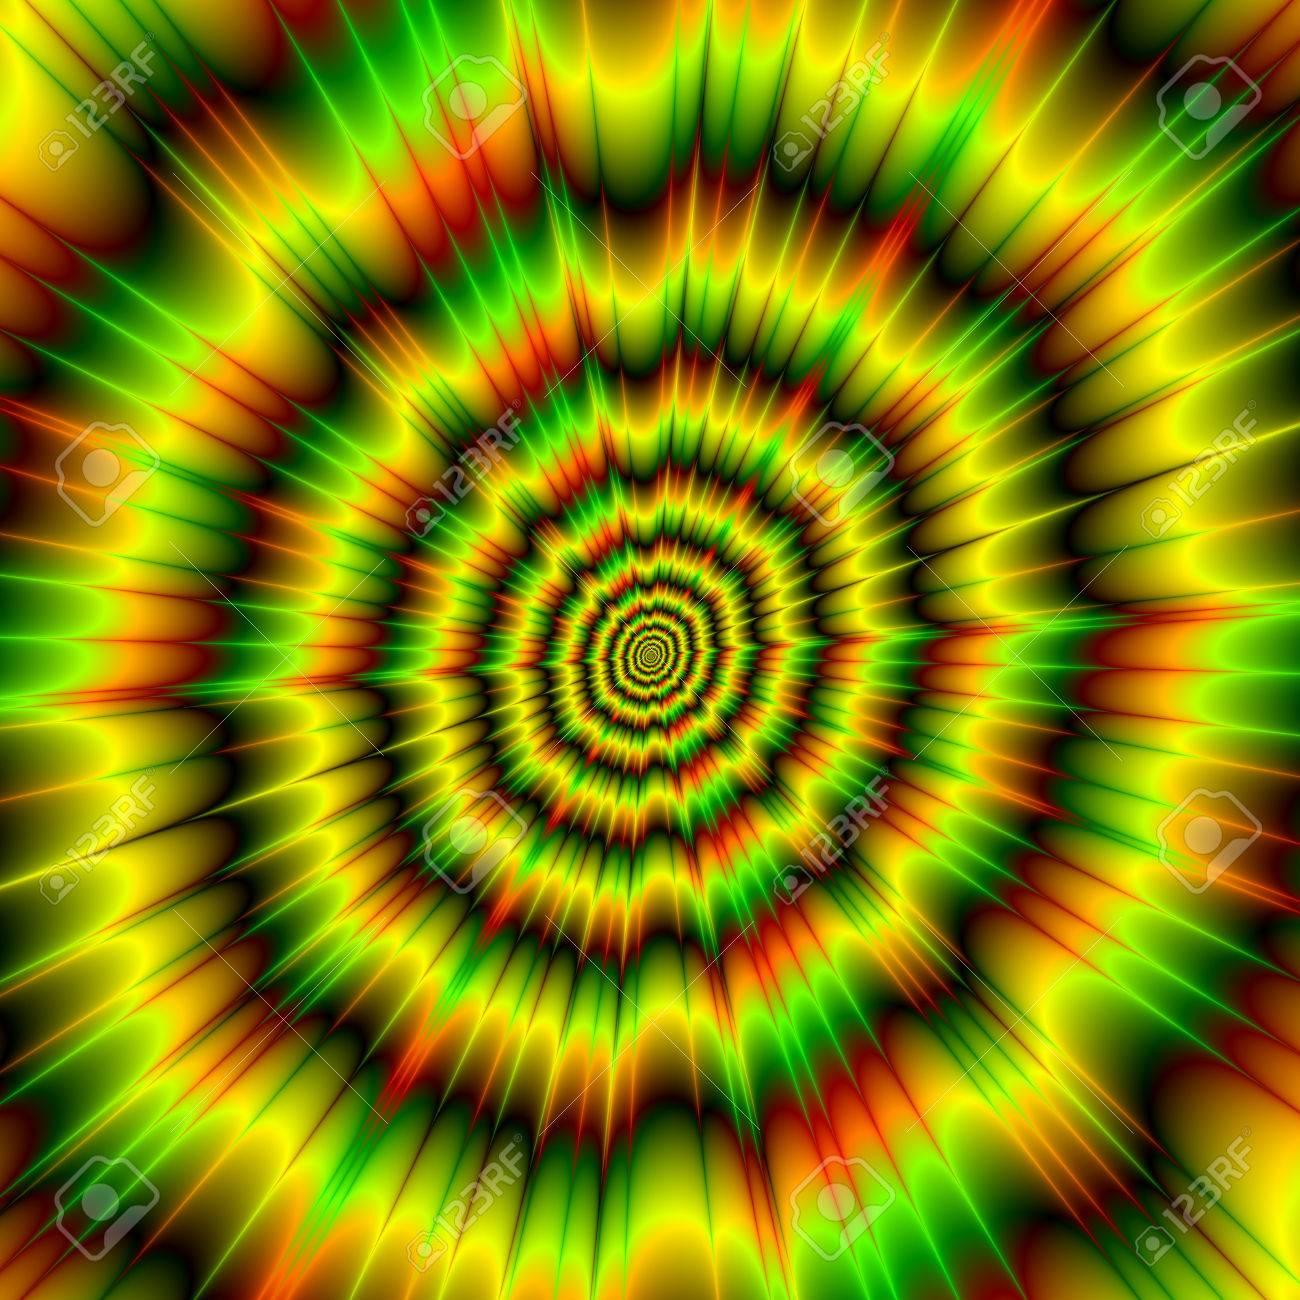 Una Imagen Abstracta Con Un Diseño Explosión De Color De Los Ojos ...